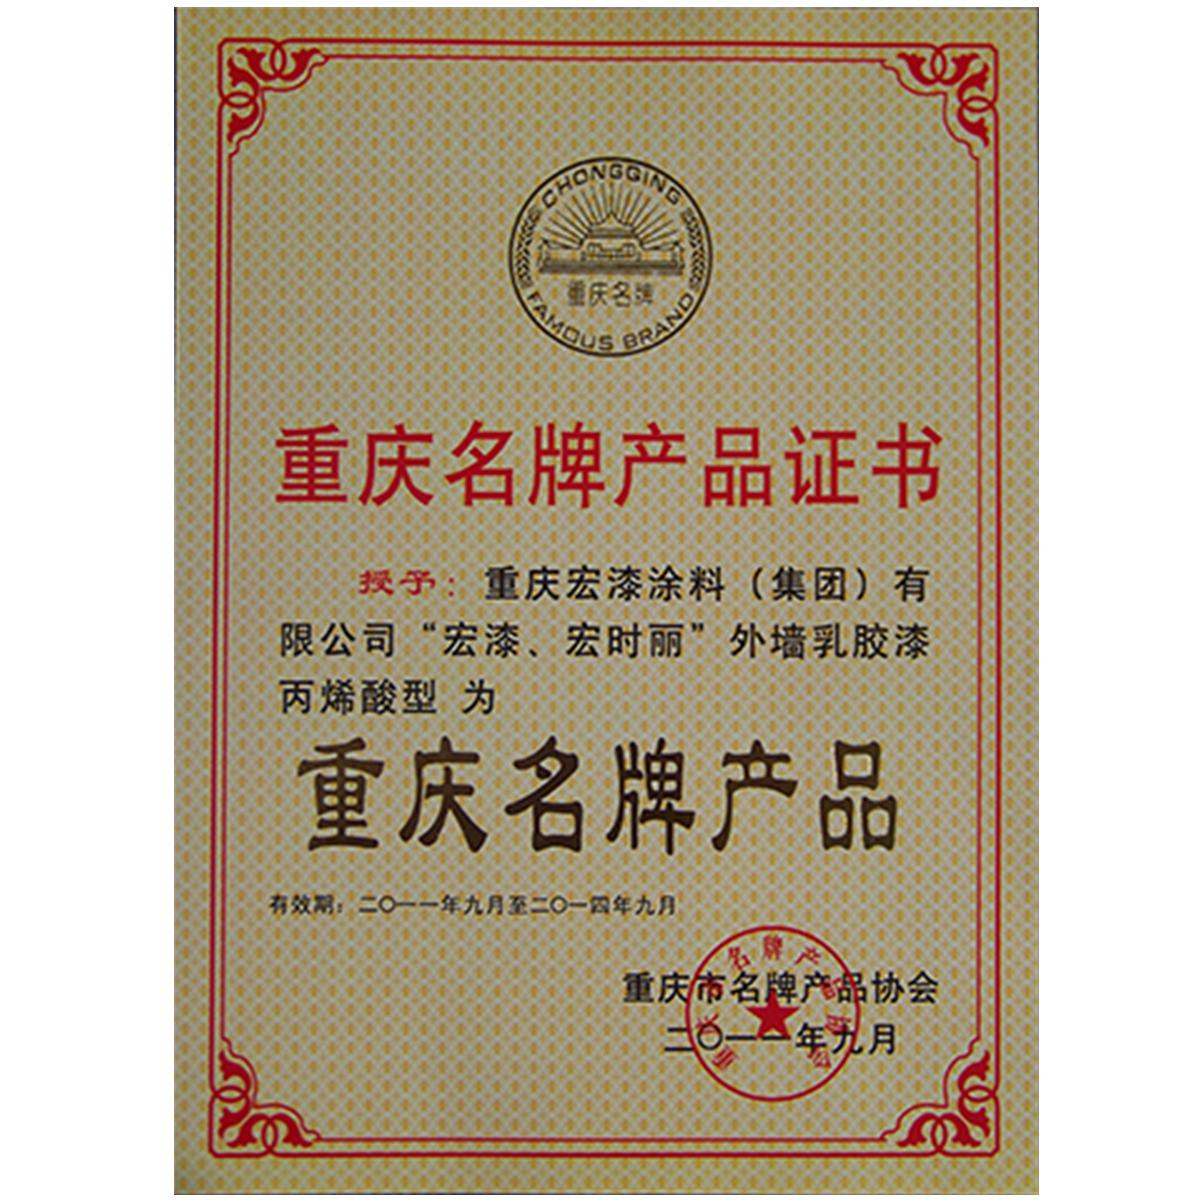 万博man名牌产品证书